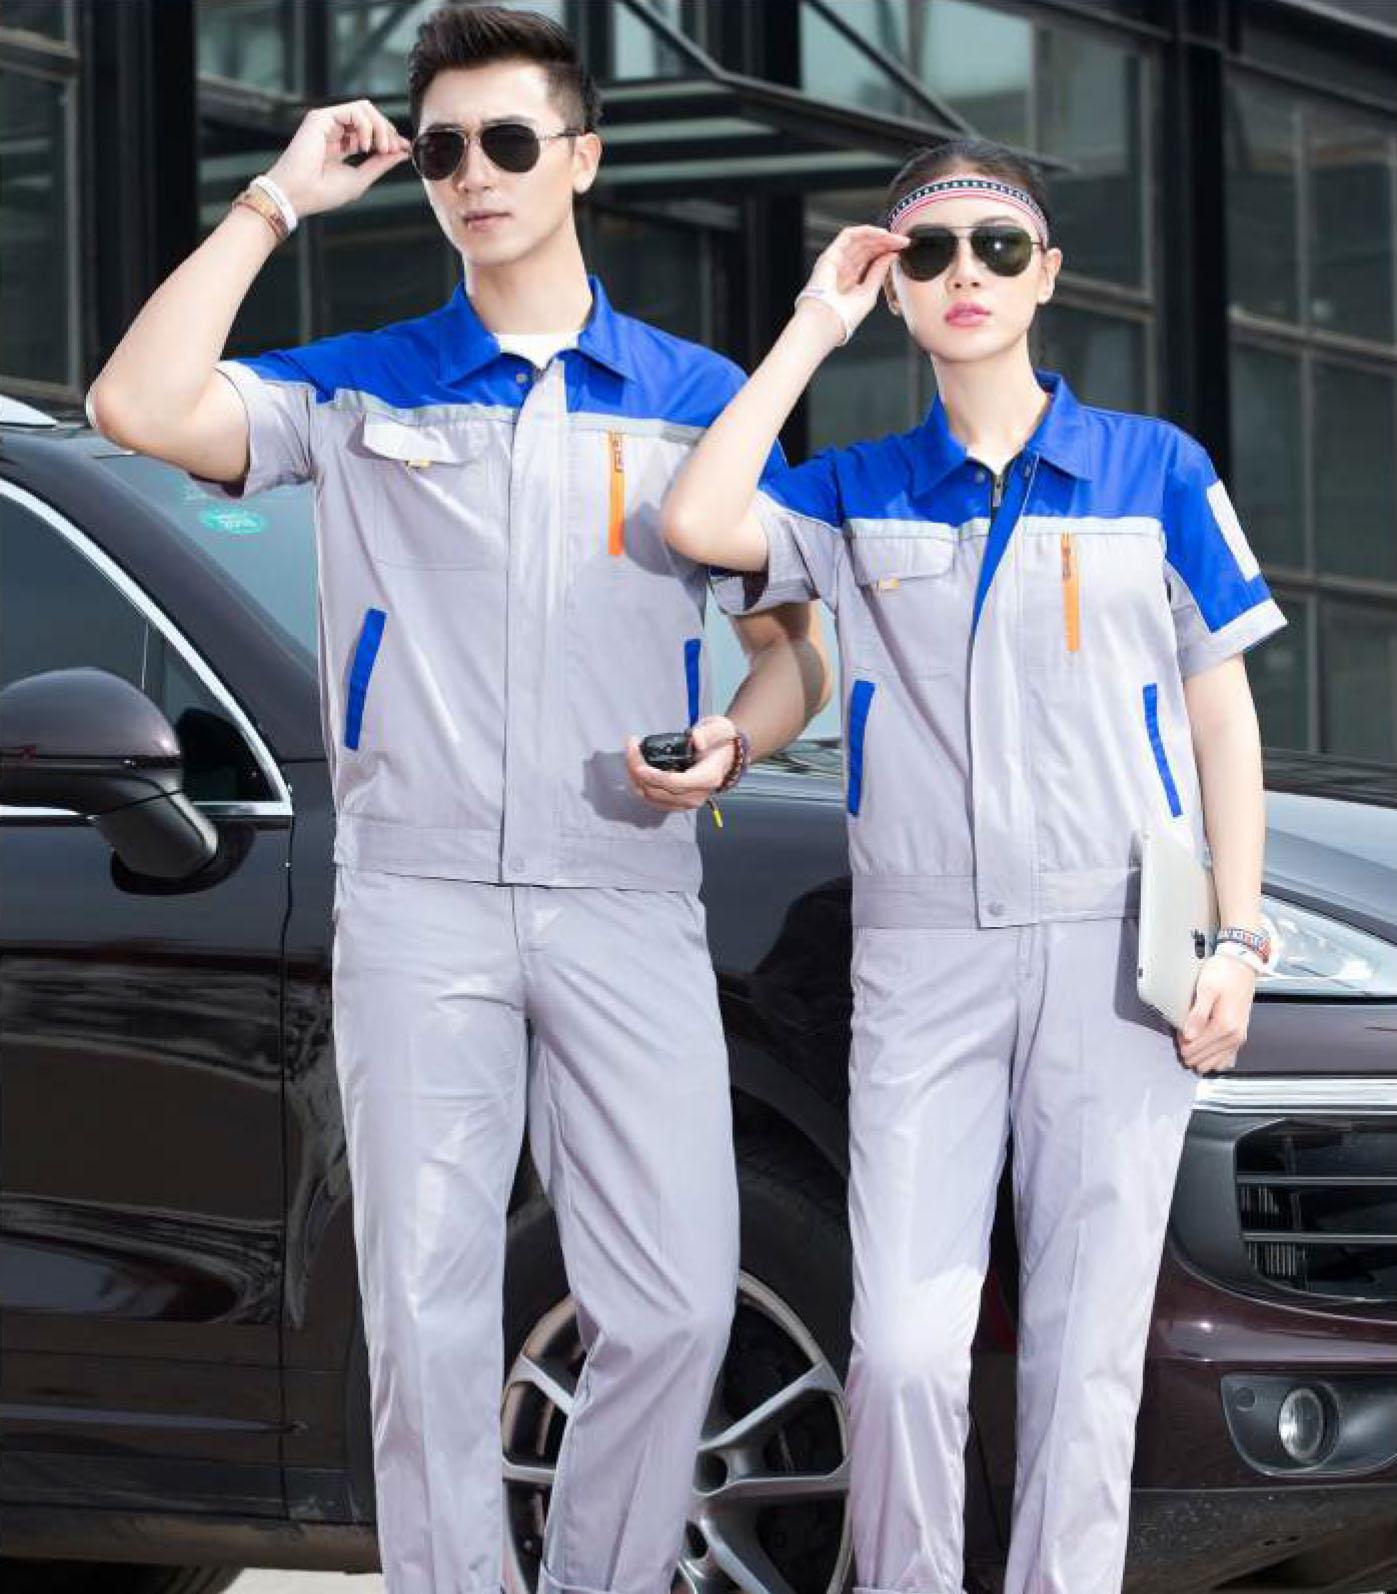 惠州工衣定制,惠州工衣定制作用是如何呢